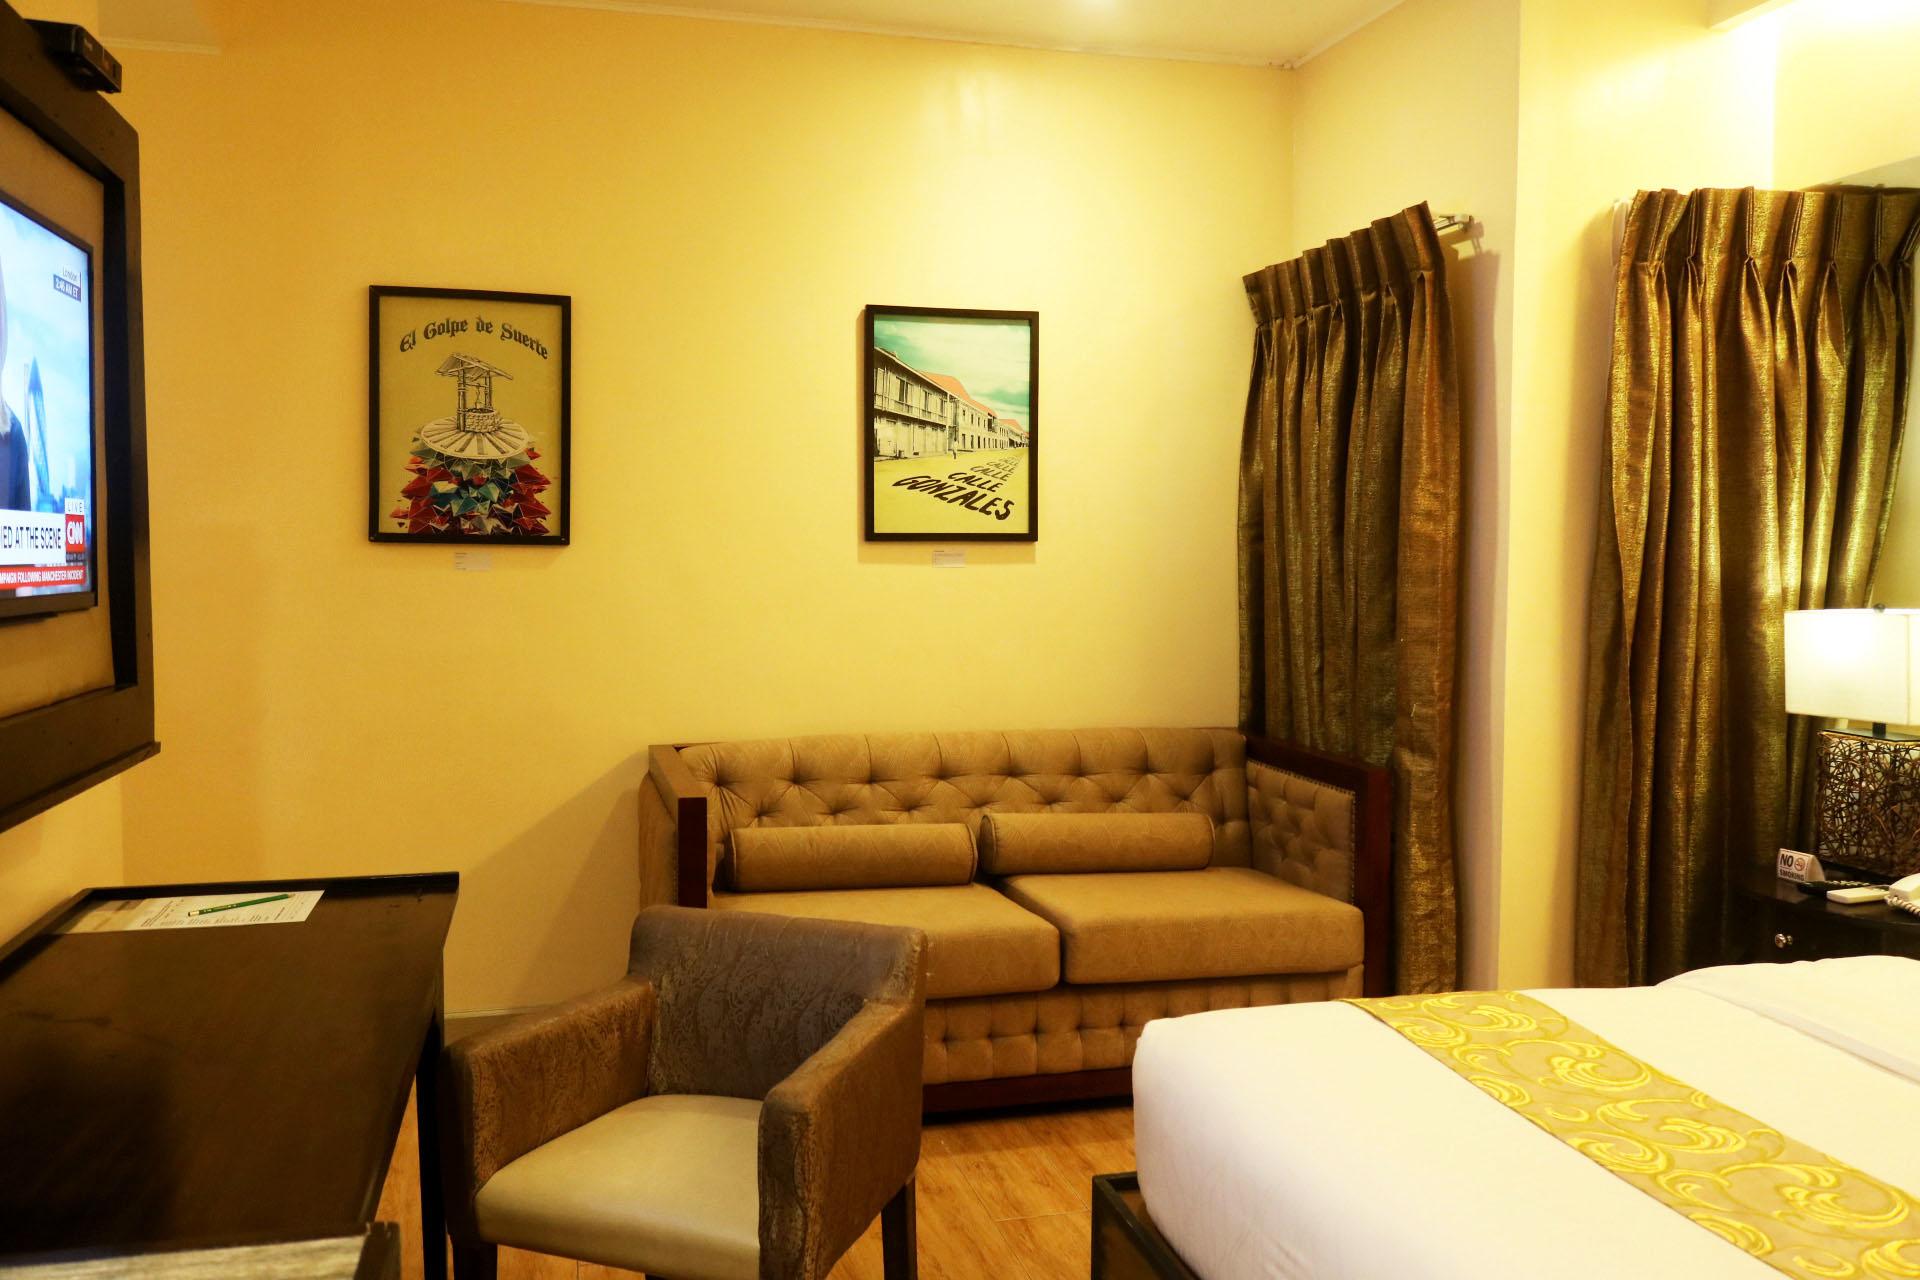 Gonzales Hotel Rooms